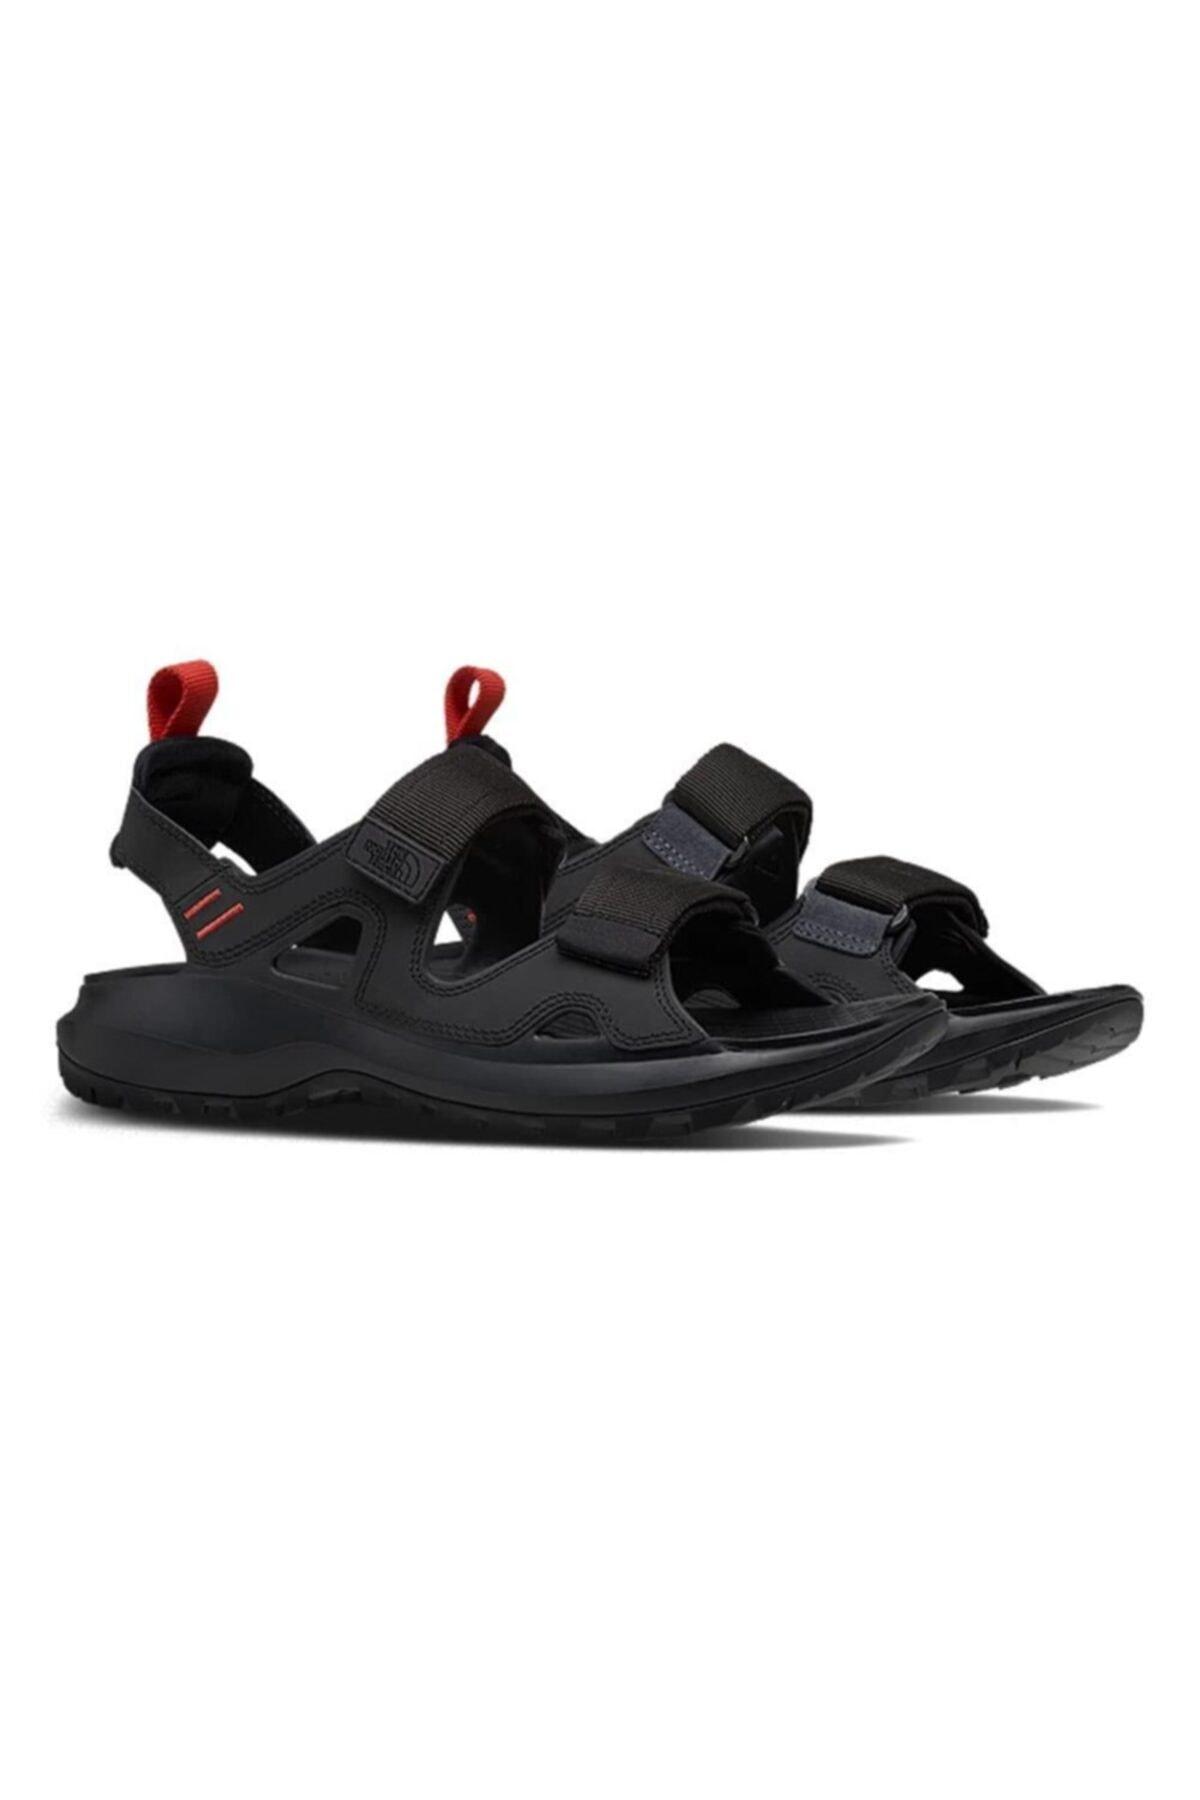 THE NORTH FACE Erkek Siyah Hedgehog Sandal III Outdoor Sandalet  T946BHKT0 1